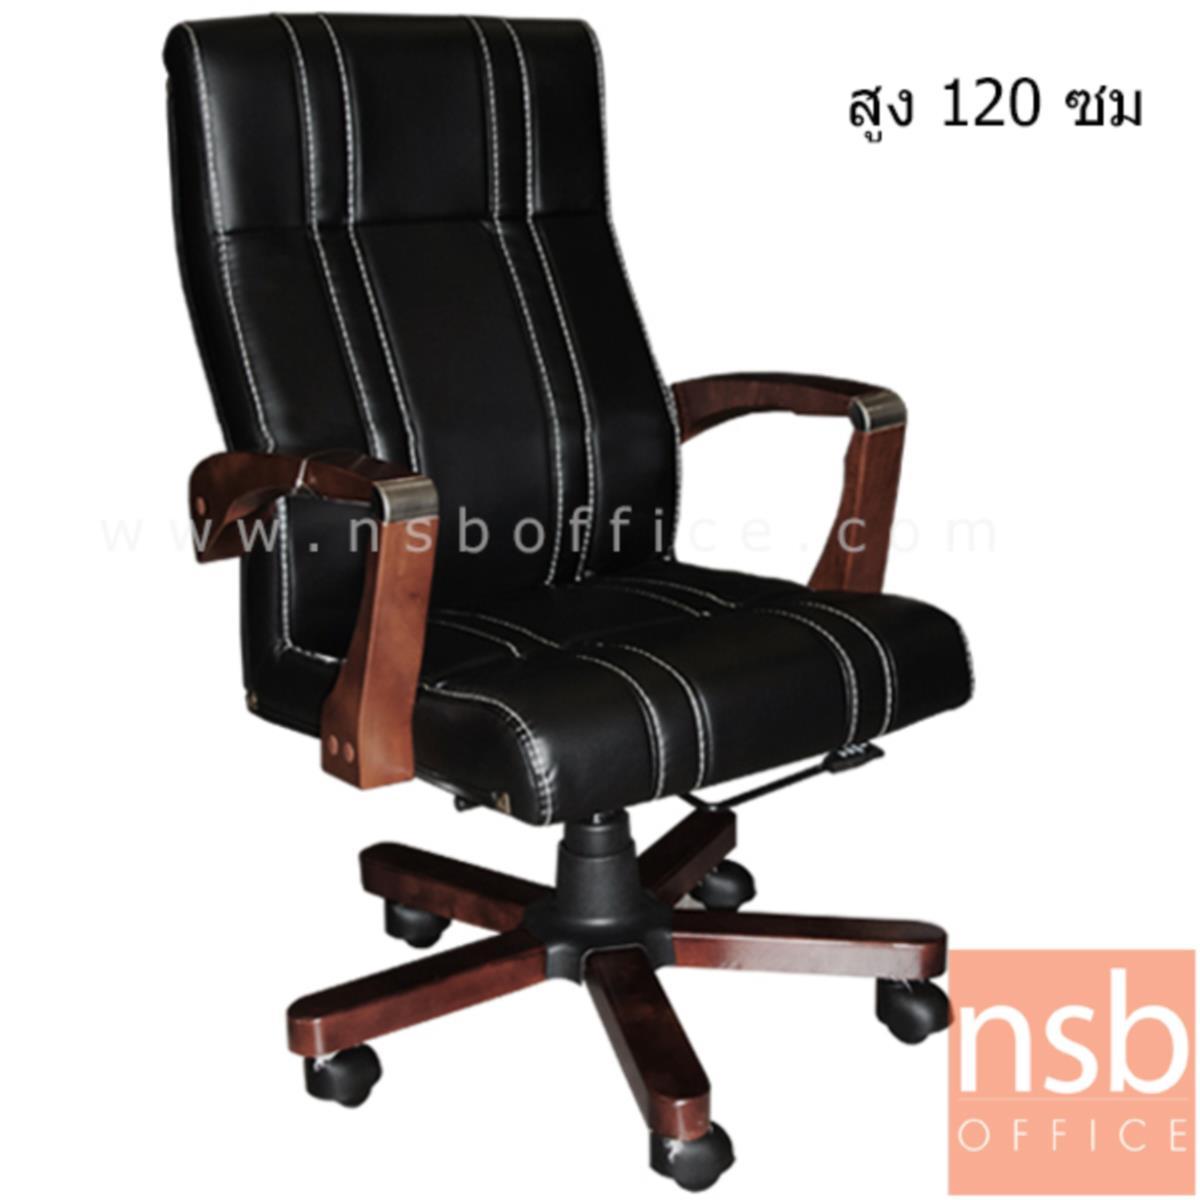 เก้าอี้ผู้บริหารหนัง PU รุ่น Zimmerman (ซิมเมอร์แมน)  ขาไม้